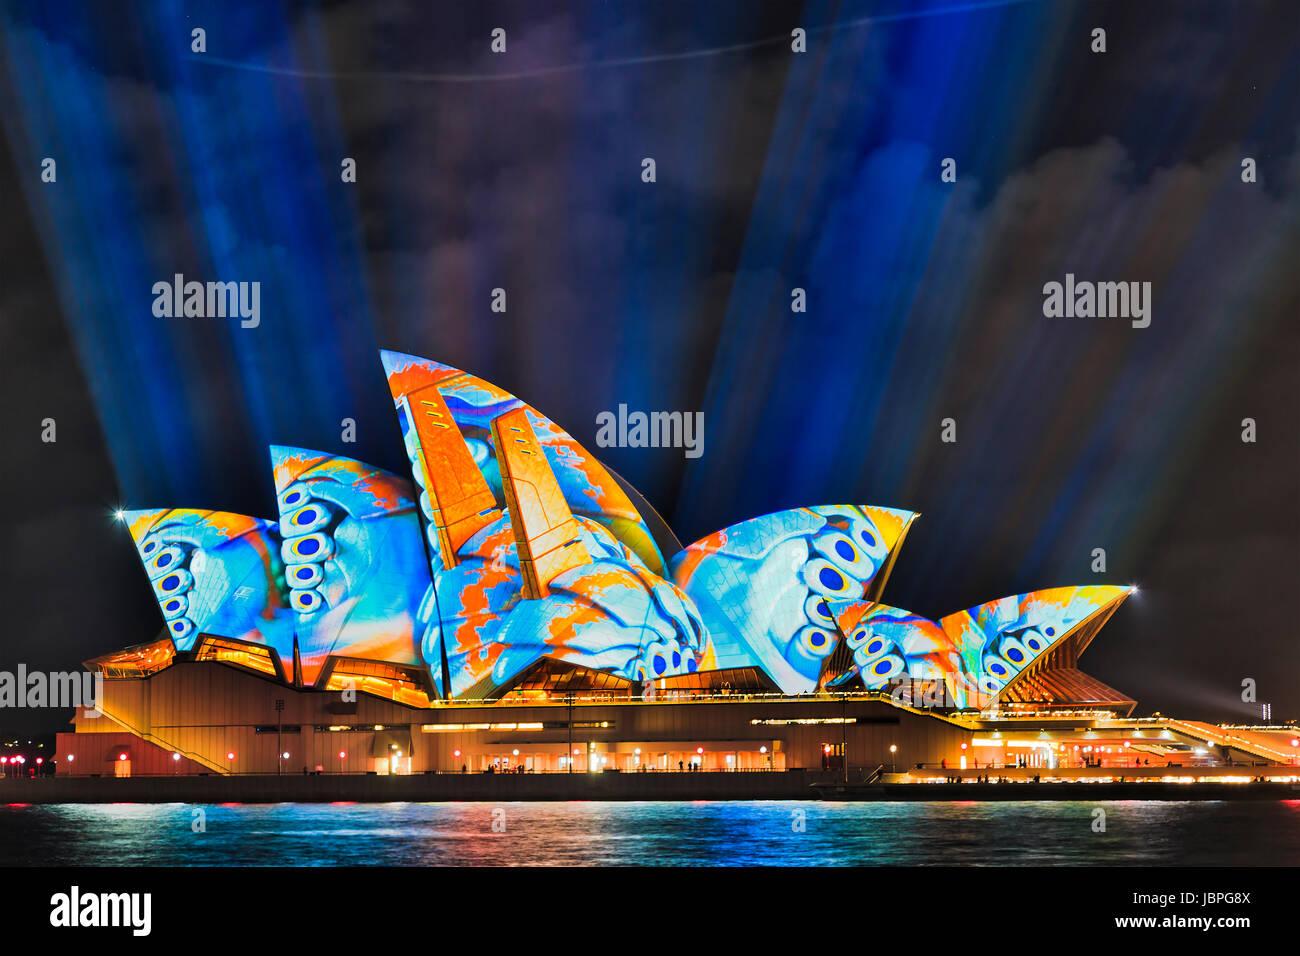 Sydney, Australien - 8. Juni 2017: Sydney Opera House während der jährlichen VIvid Sydney Lichtshow gemalt Stockbild